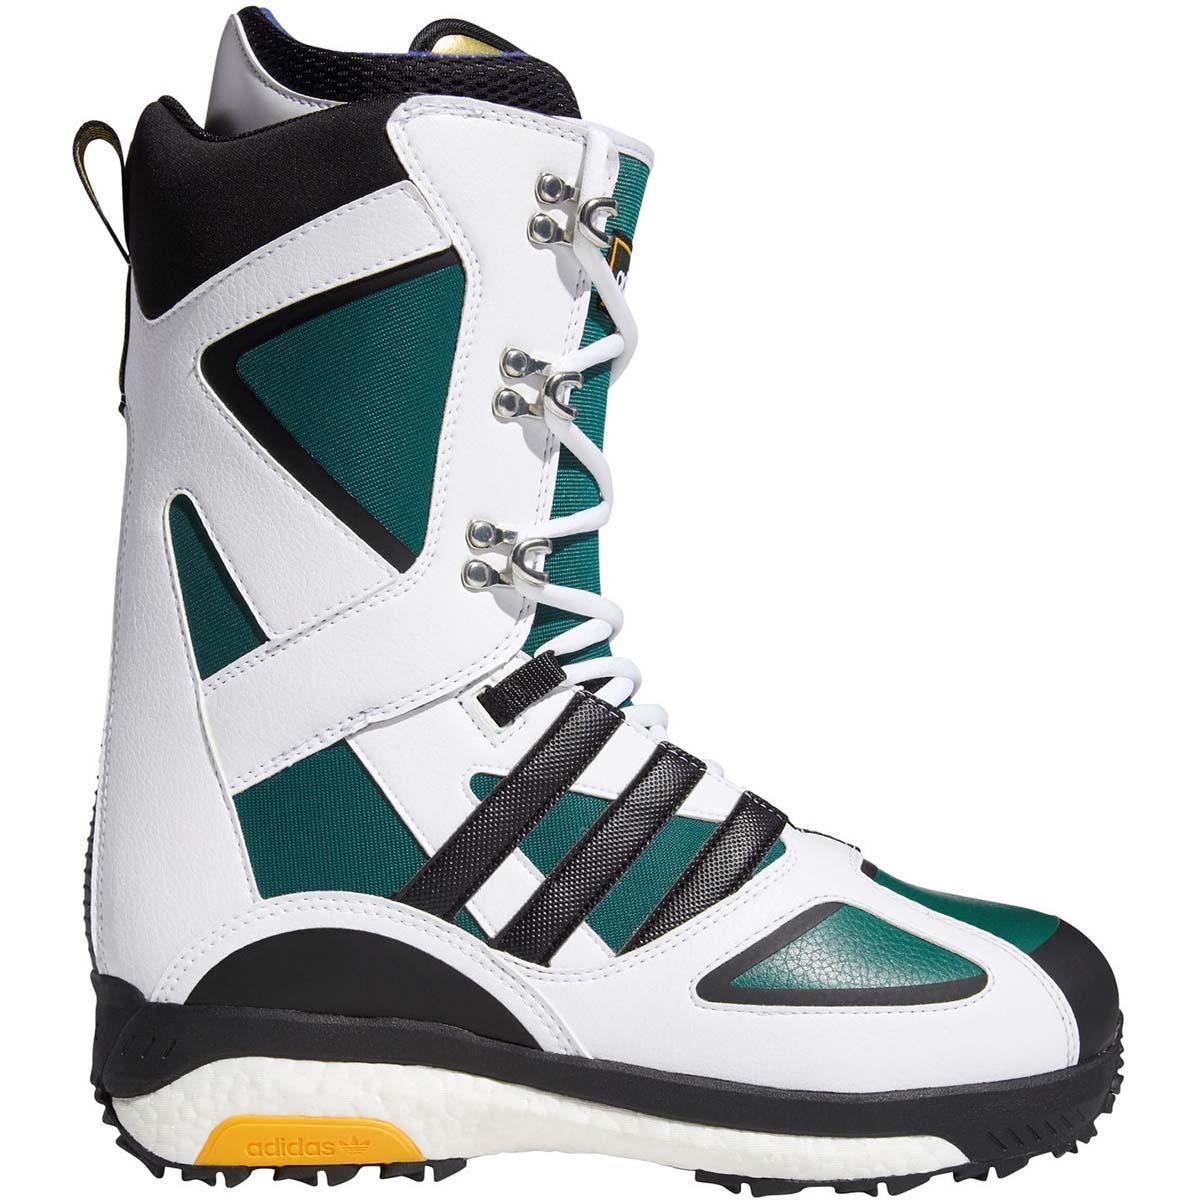 Adidas Tactical Lexicon Snowboard Boots Men's